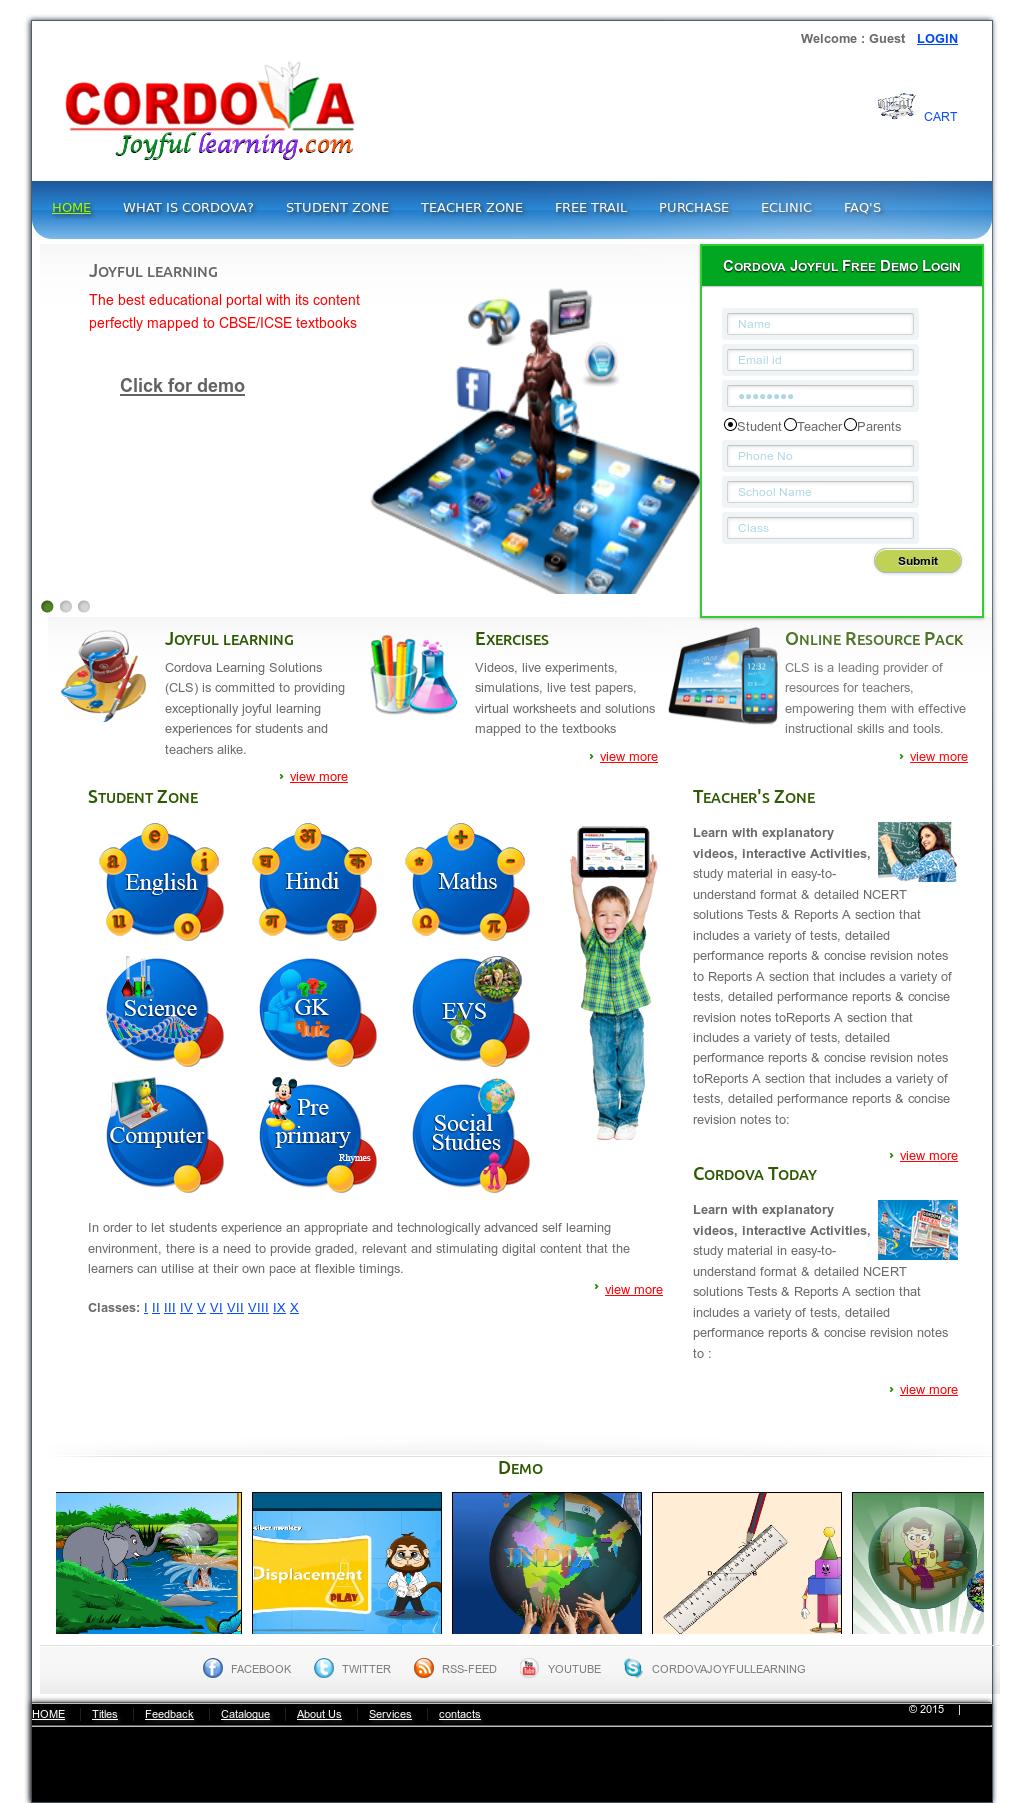 Cordova Publication Competitors, Revenue and Employees